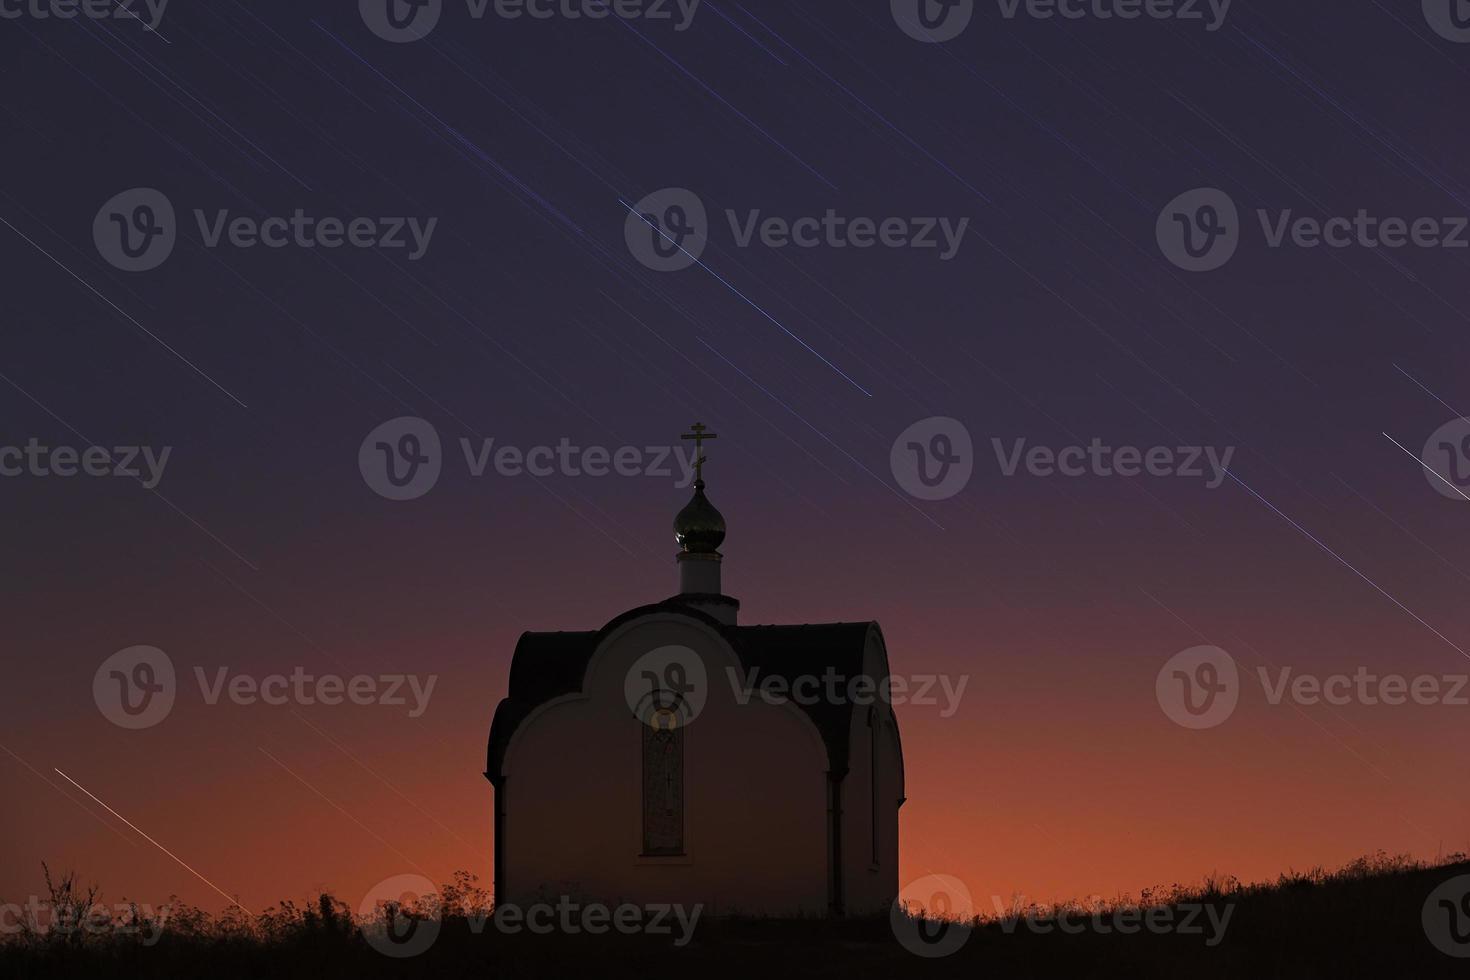 rastros de las estrellas en el cielo nocturno sobre la iglesia ortodoxa foto